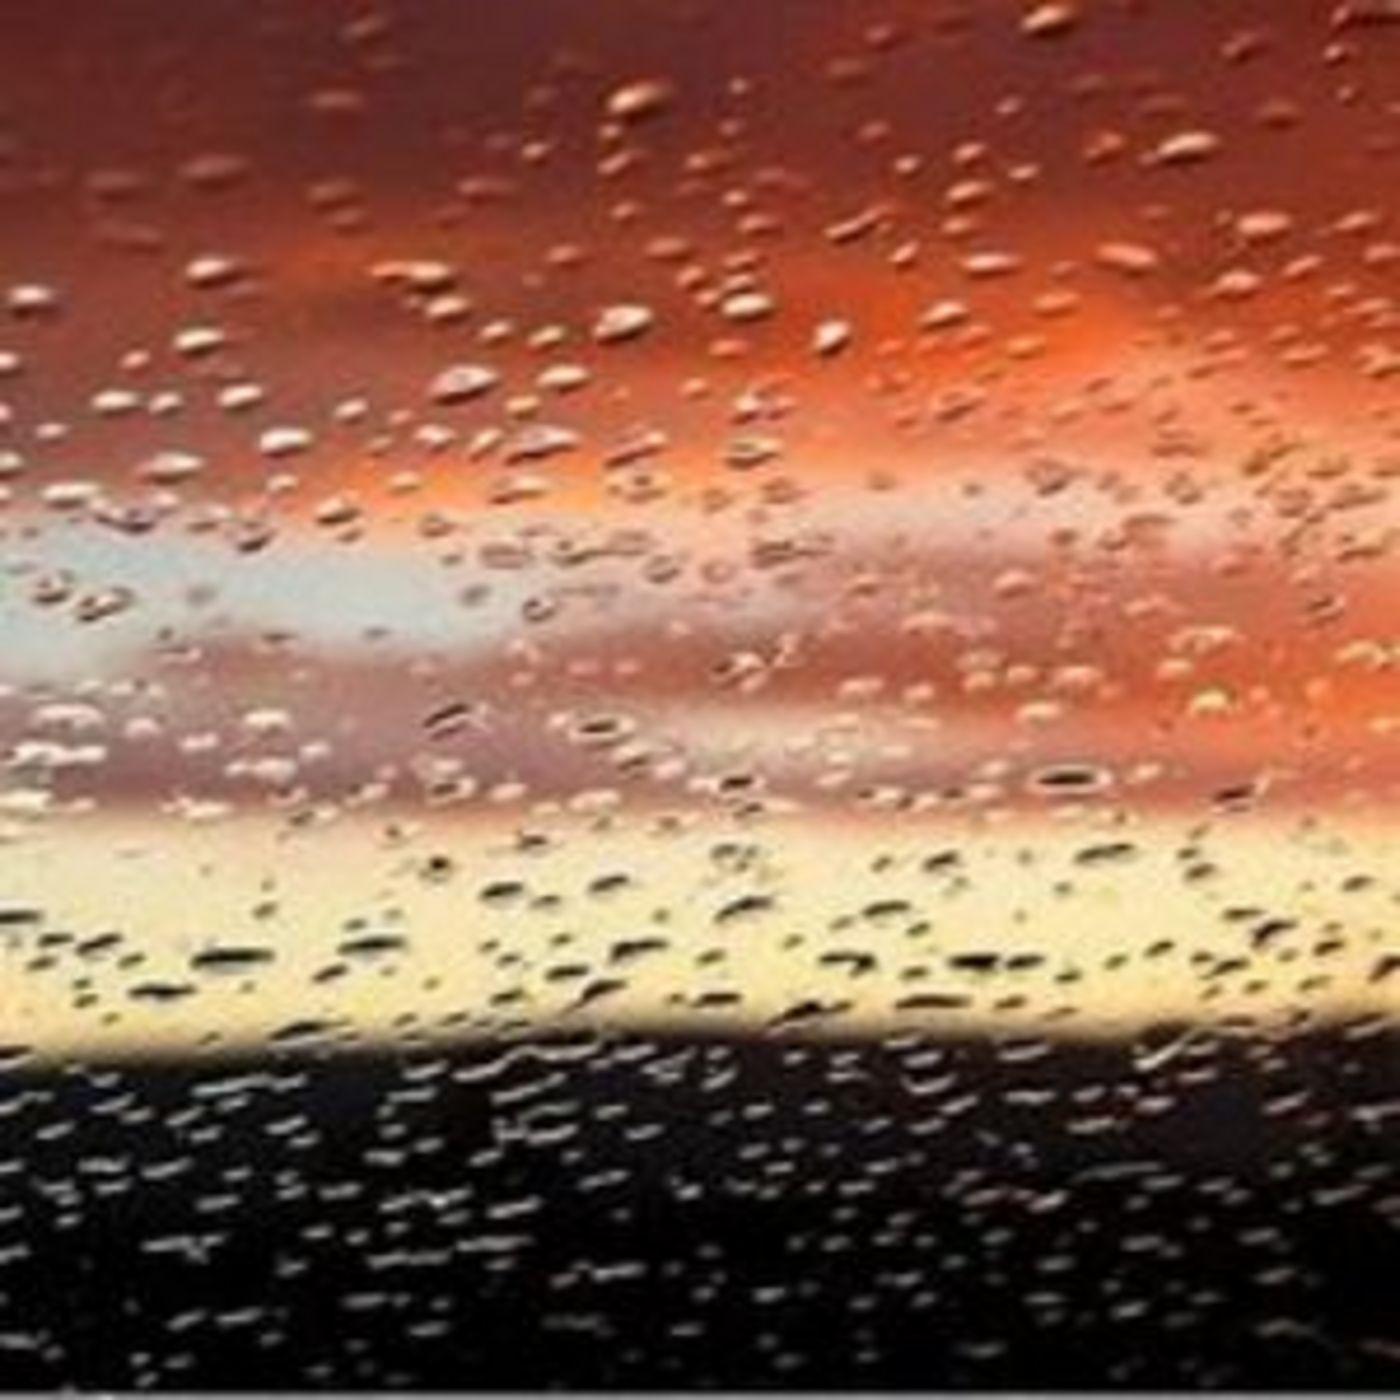 <![CDATA[The Rhythm of Rain]]>